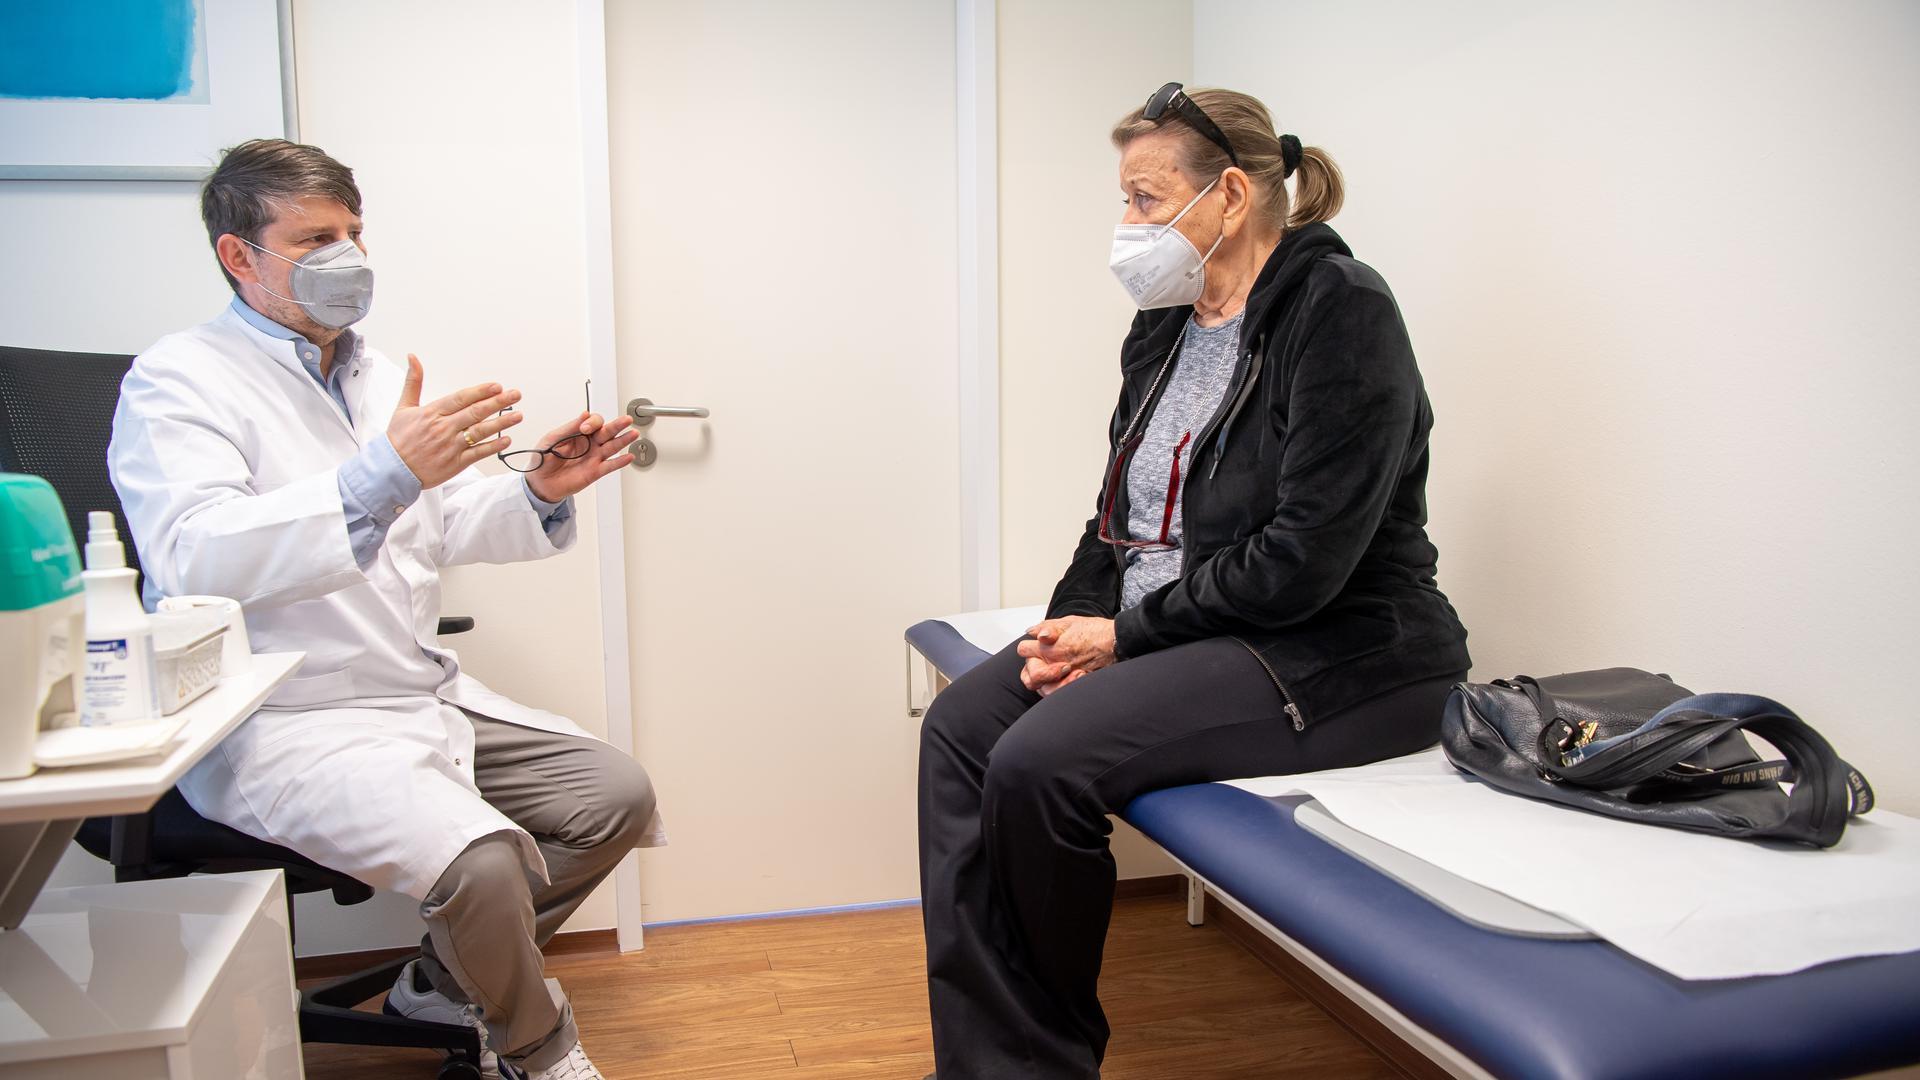 Die Schauspielerin Eva Christian wird zum Start der Corona-Impfungen in bayerischen Hausarztpraxen im Behandlungszimmer von ihrem Arzt, Wolfgang Ritter über ihren Impfstoff von Astrazeneca informiert.